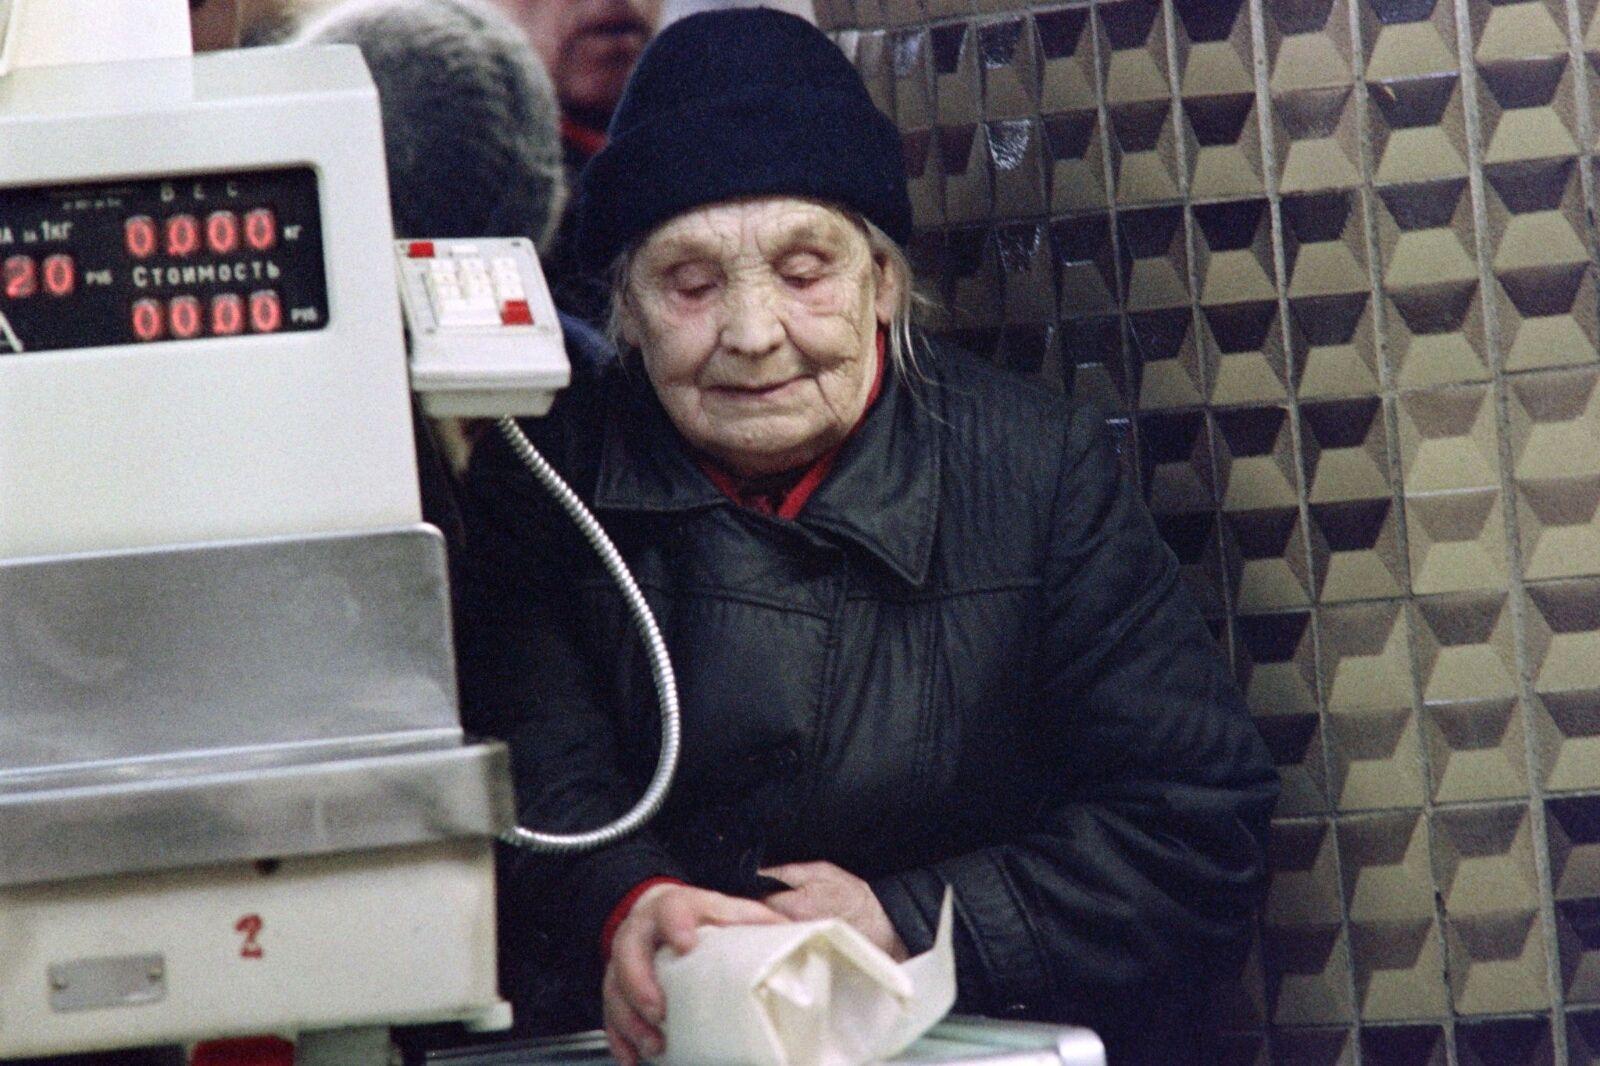 Даже те, кто строил СССР, в преклонном возрасте вынуждены были стоять в огромных очередях за продуктами